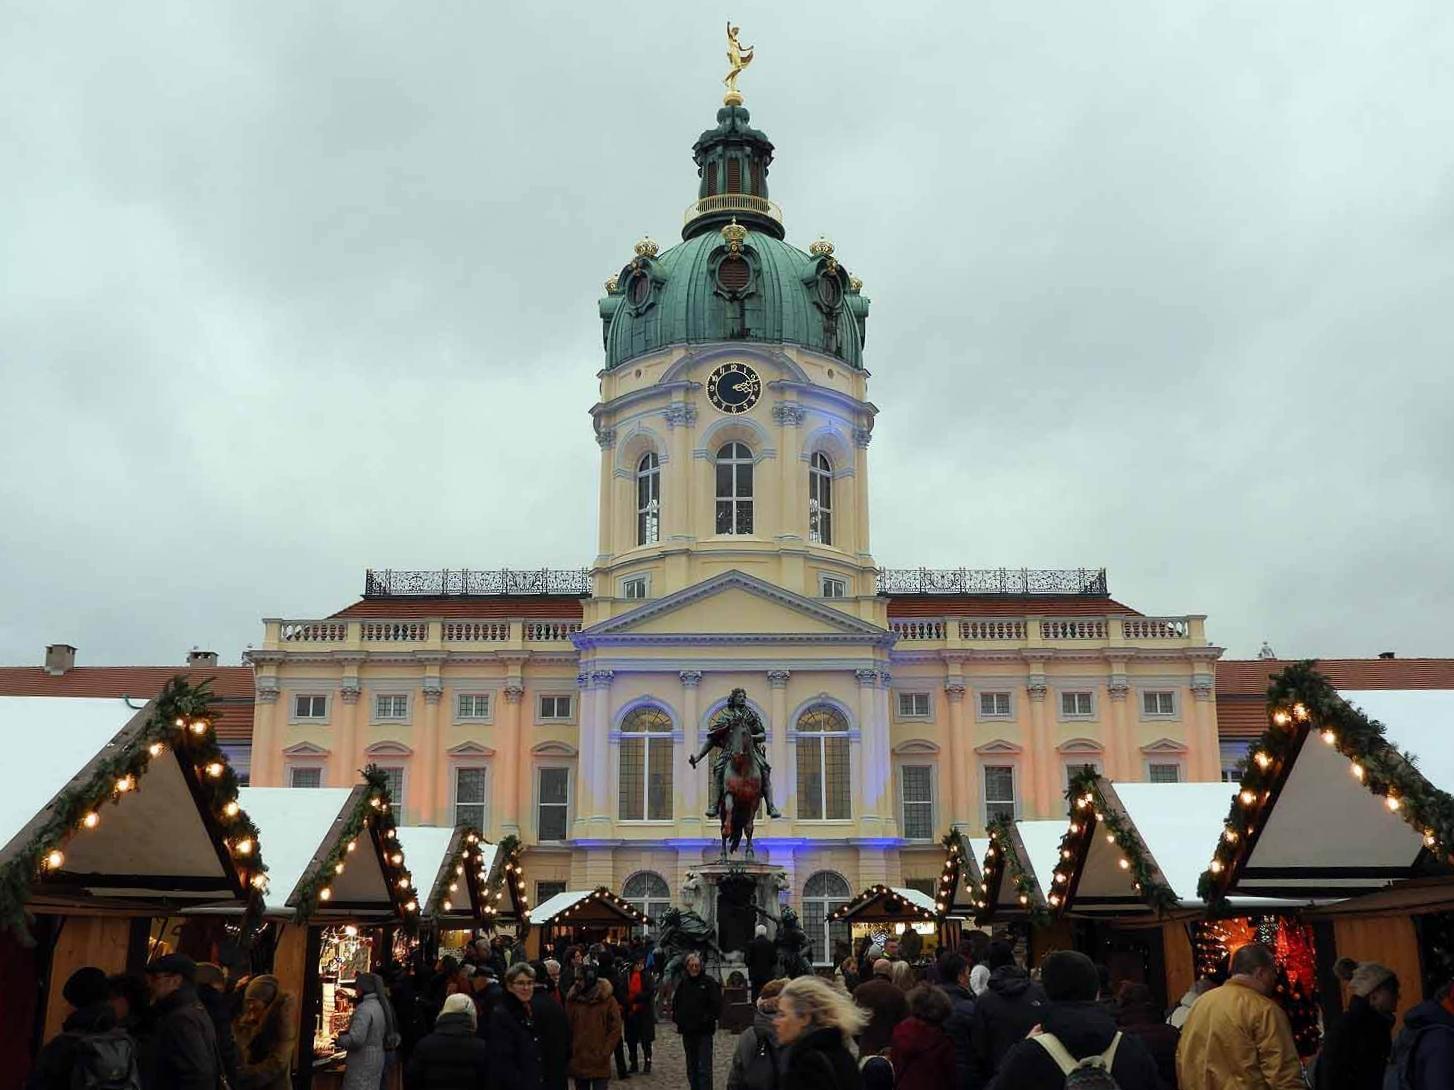 germany-berlin-christmas-market-stalls-december.JPG